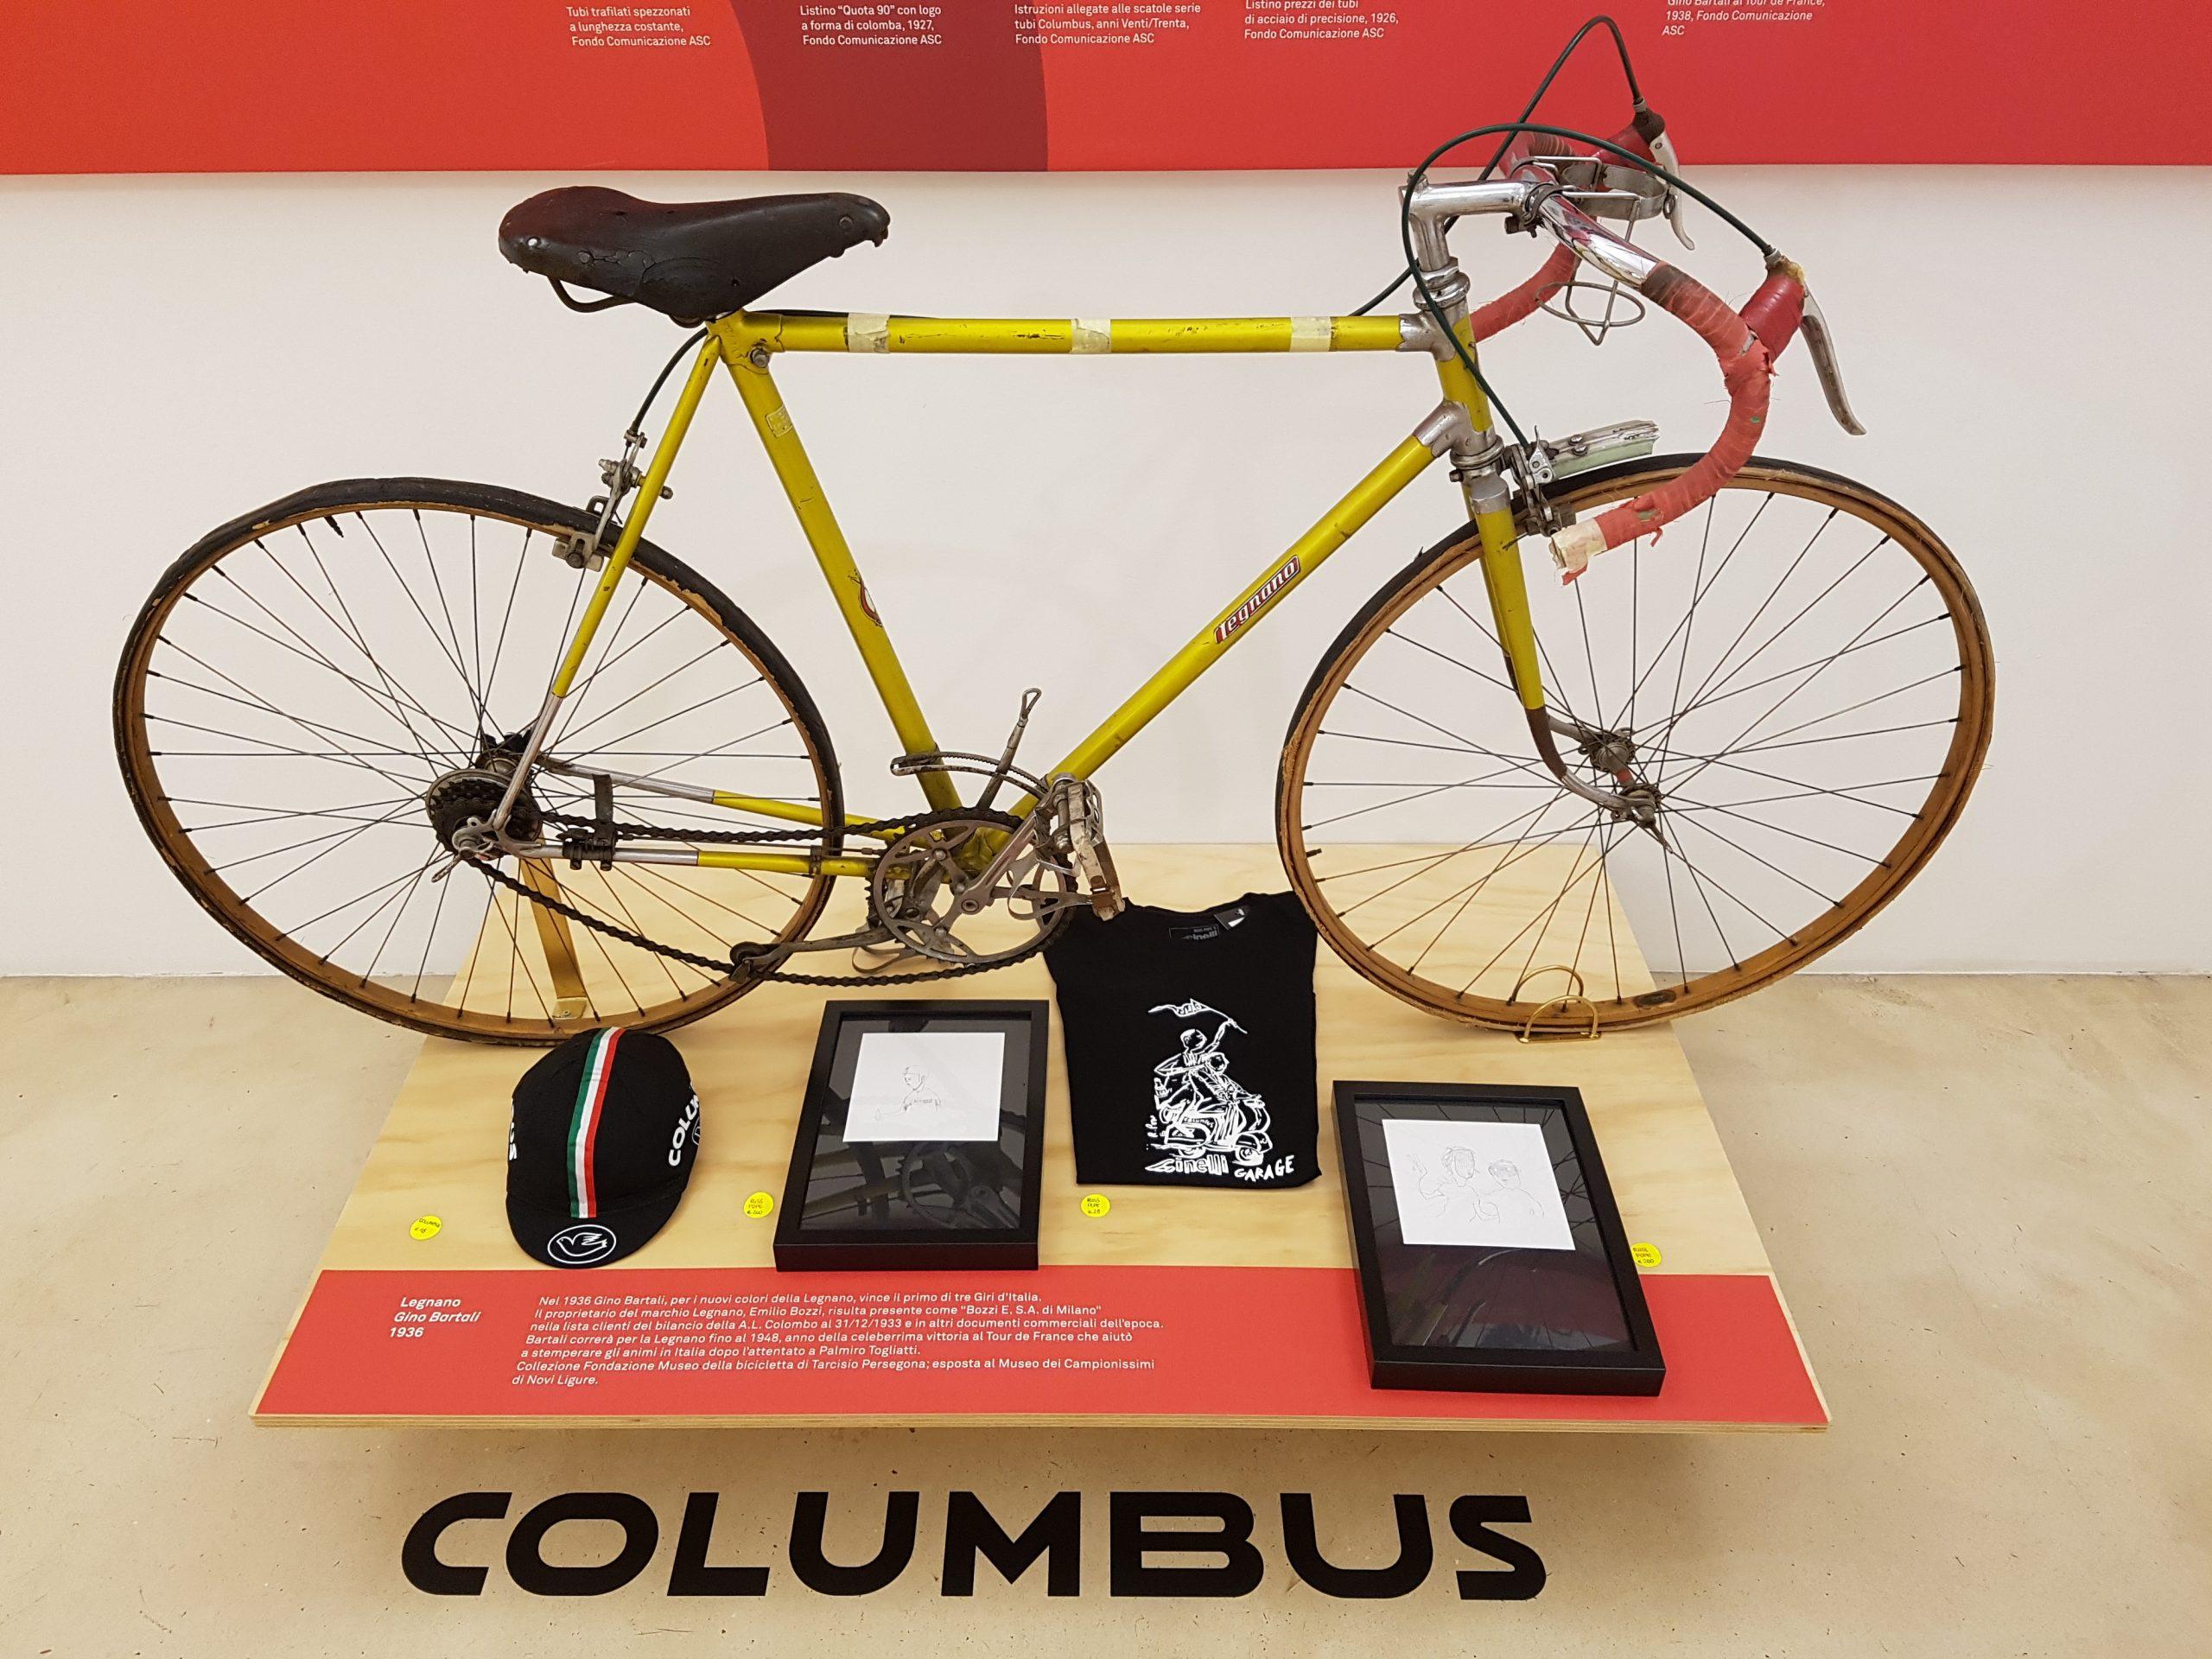 Anima d'acciaio. Columbus e il design della bicicletta